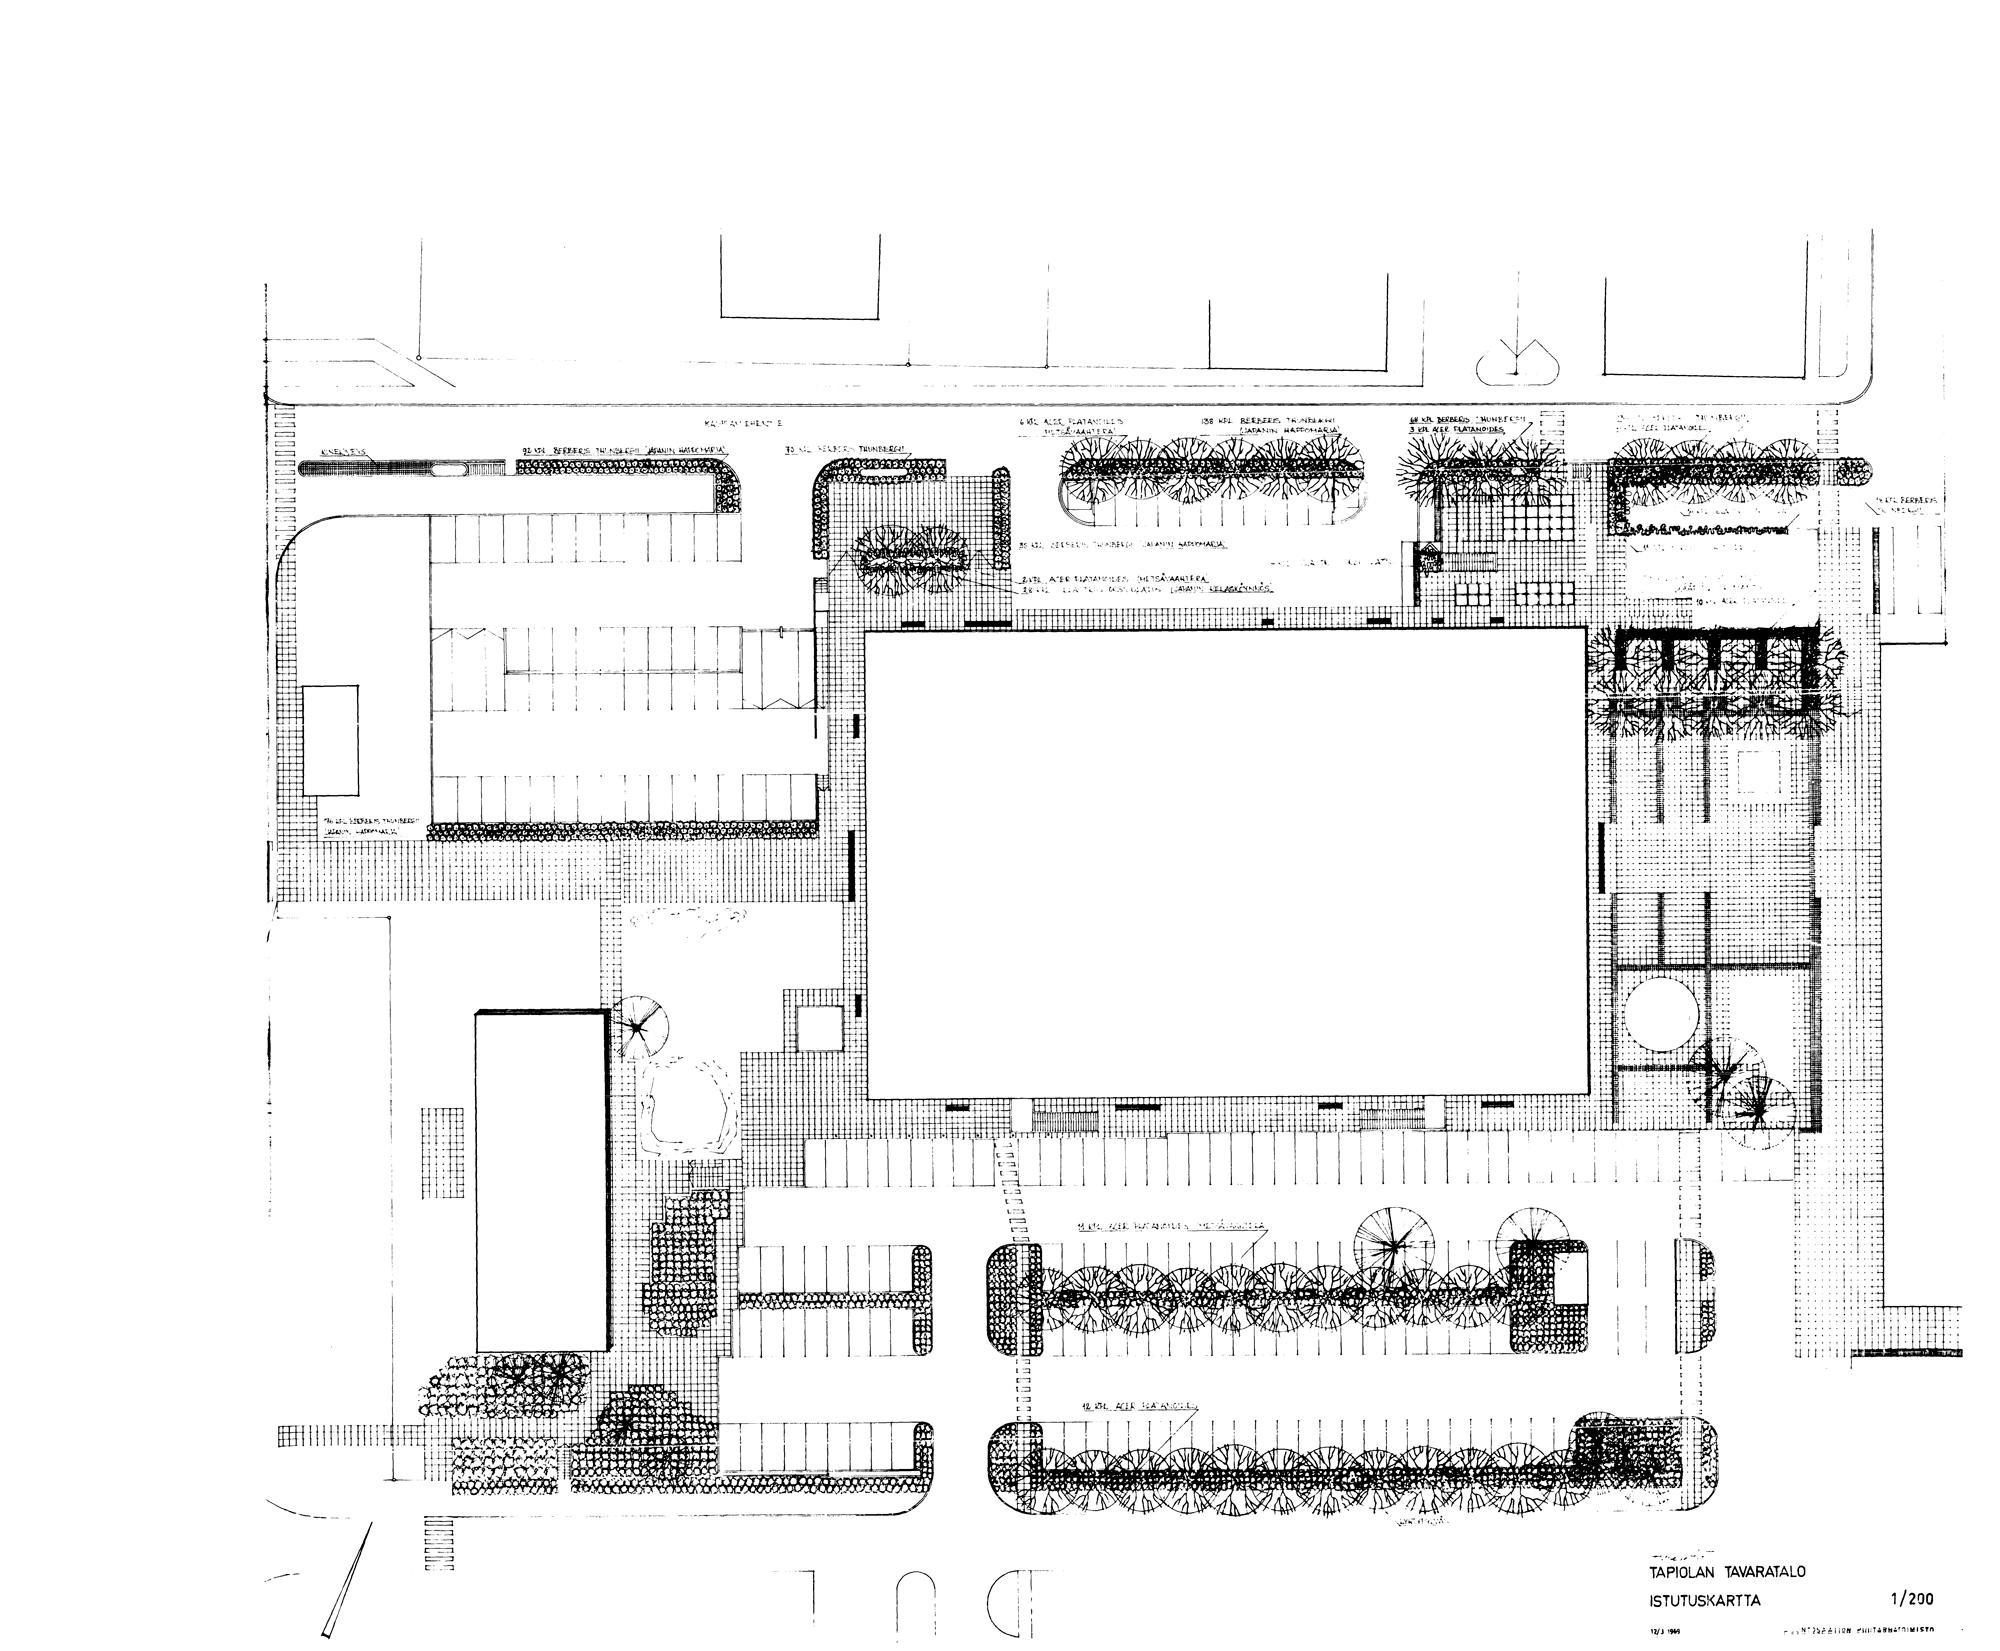 Tapiolan tavaratalo (Heikintori), Asuntosäätiön puutarhatoimisto, C.J. Gottberg